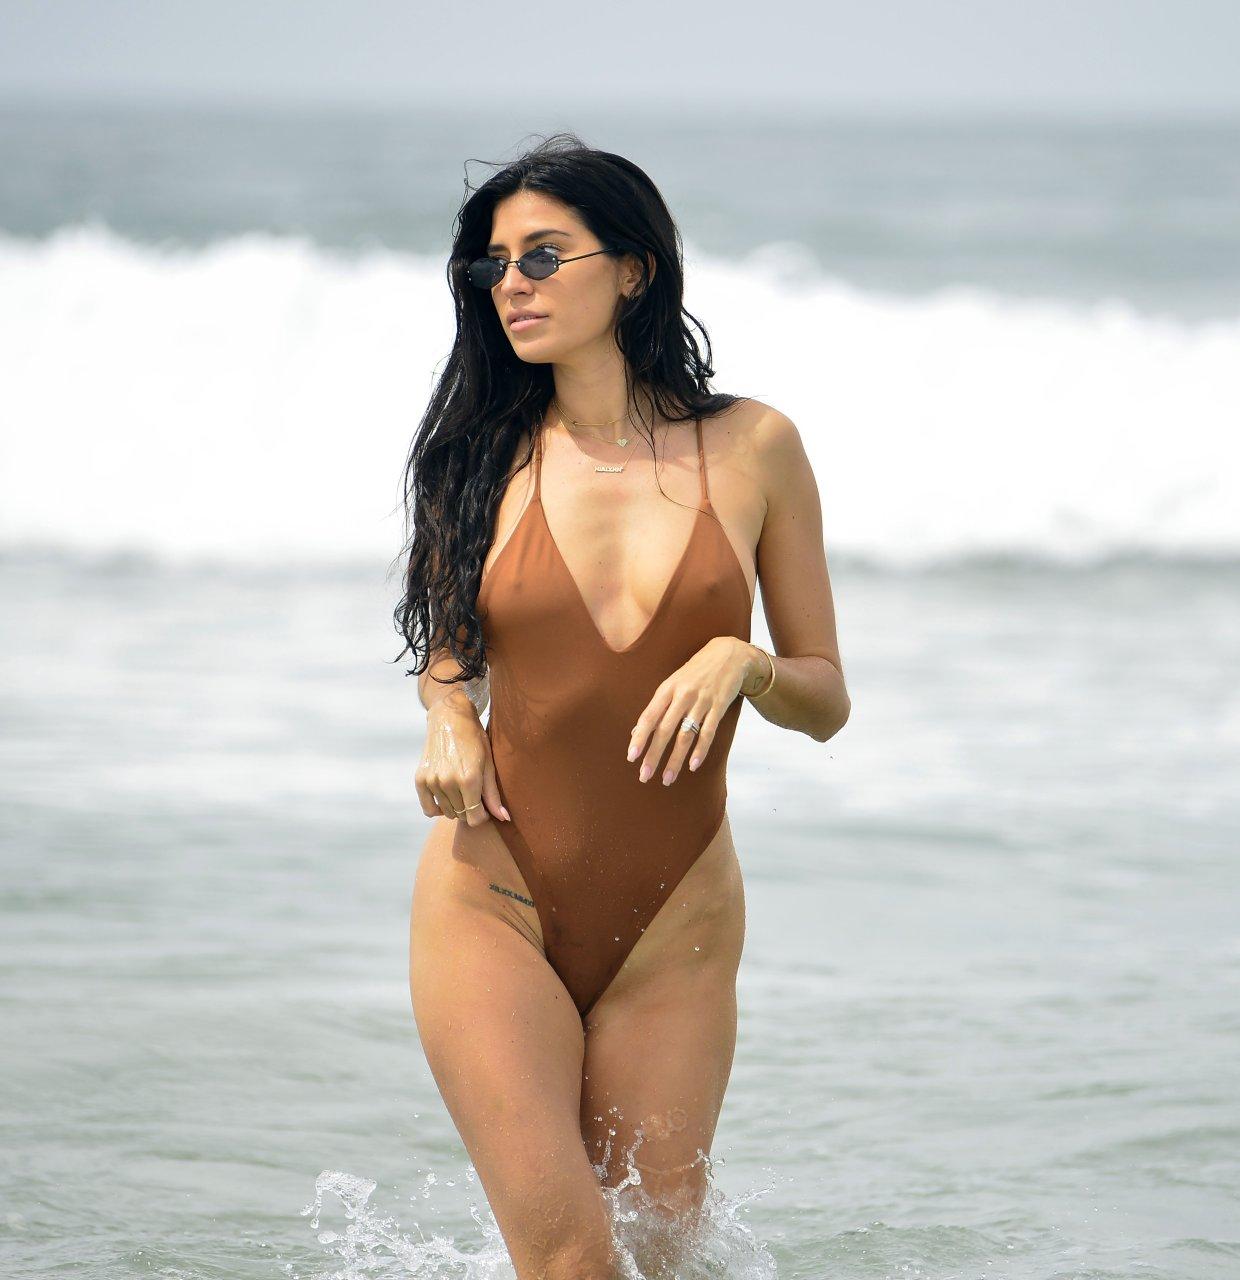 Nicole williams sexy pics nudes (78 pic)